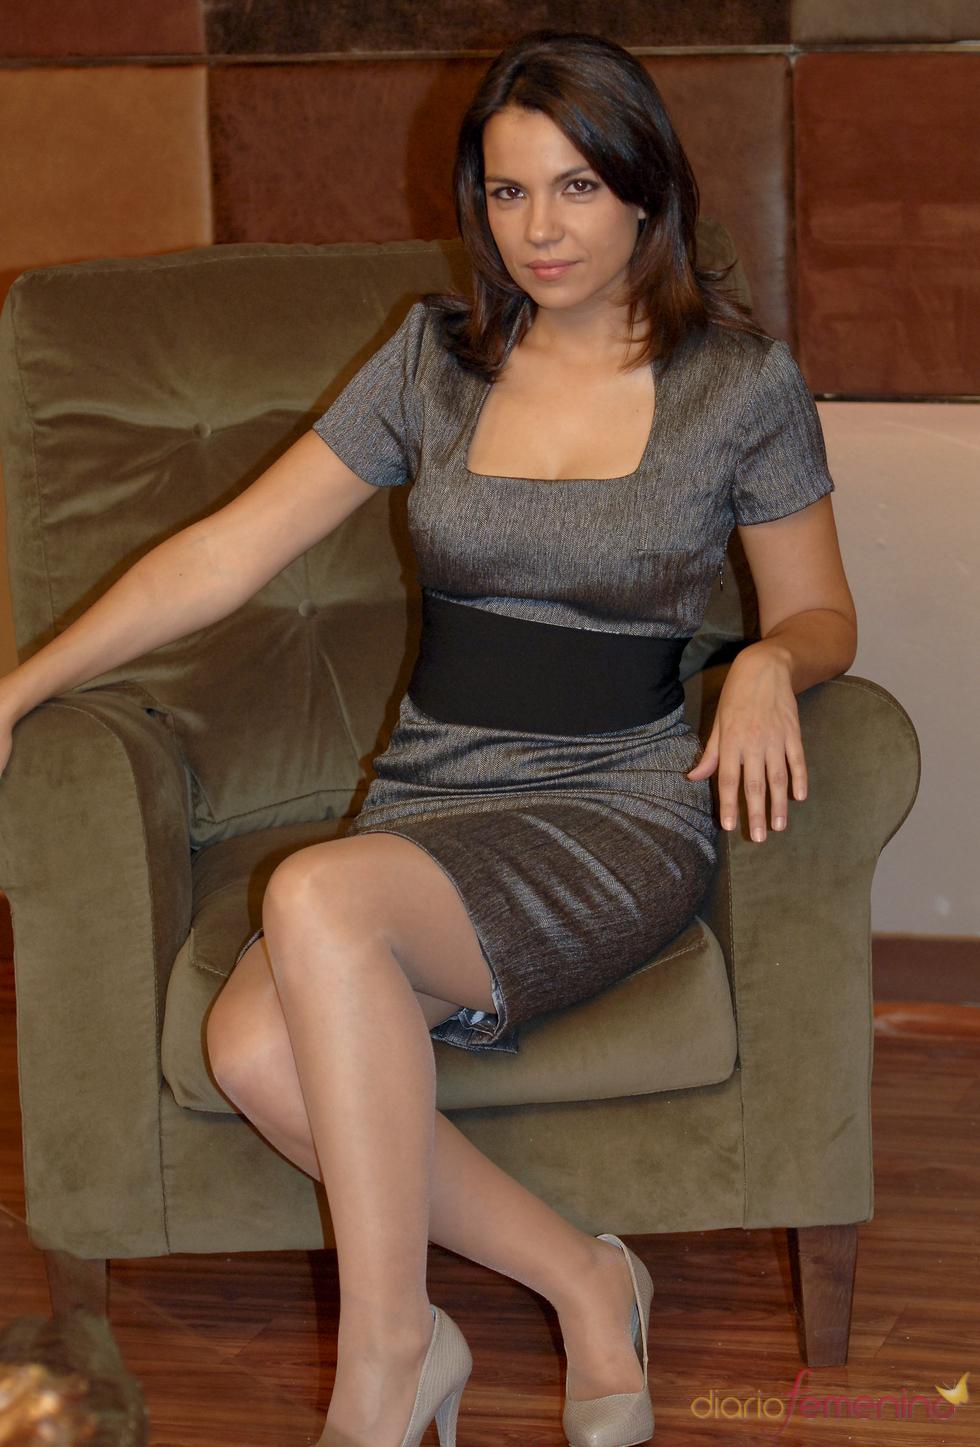 Diana Palazon